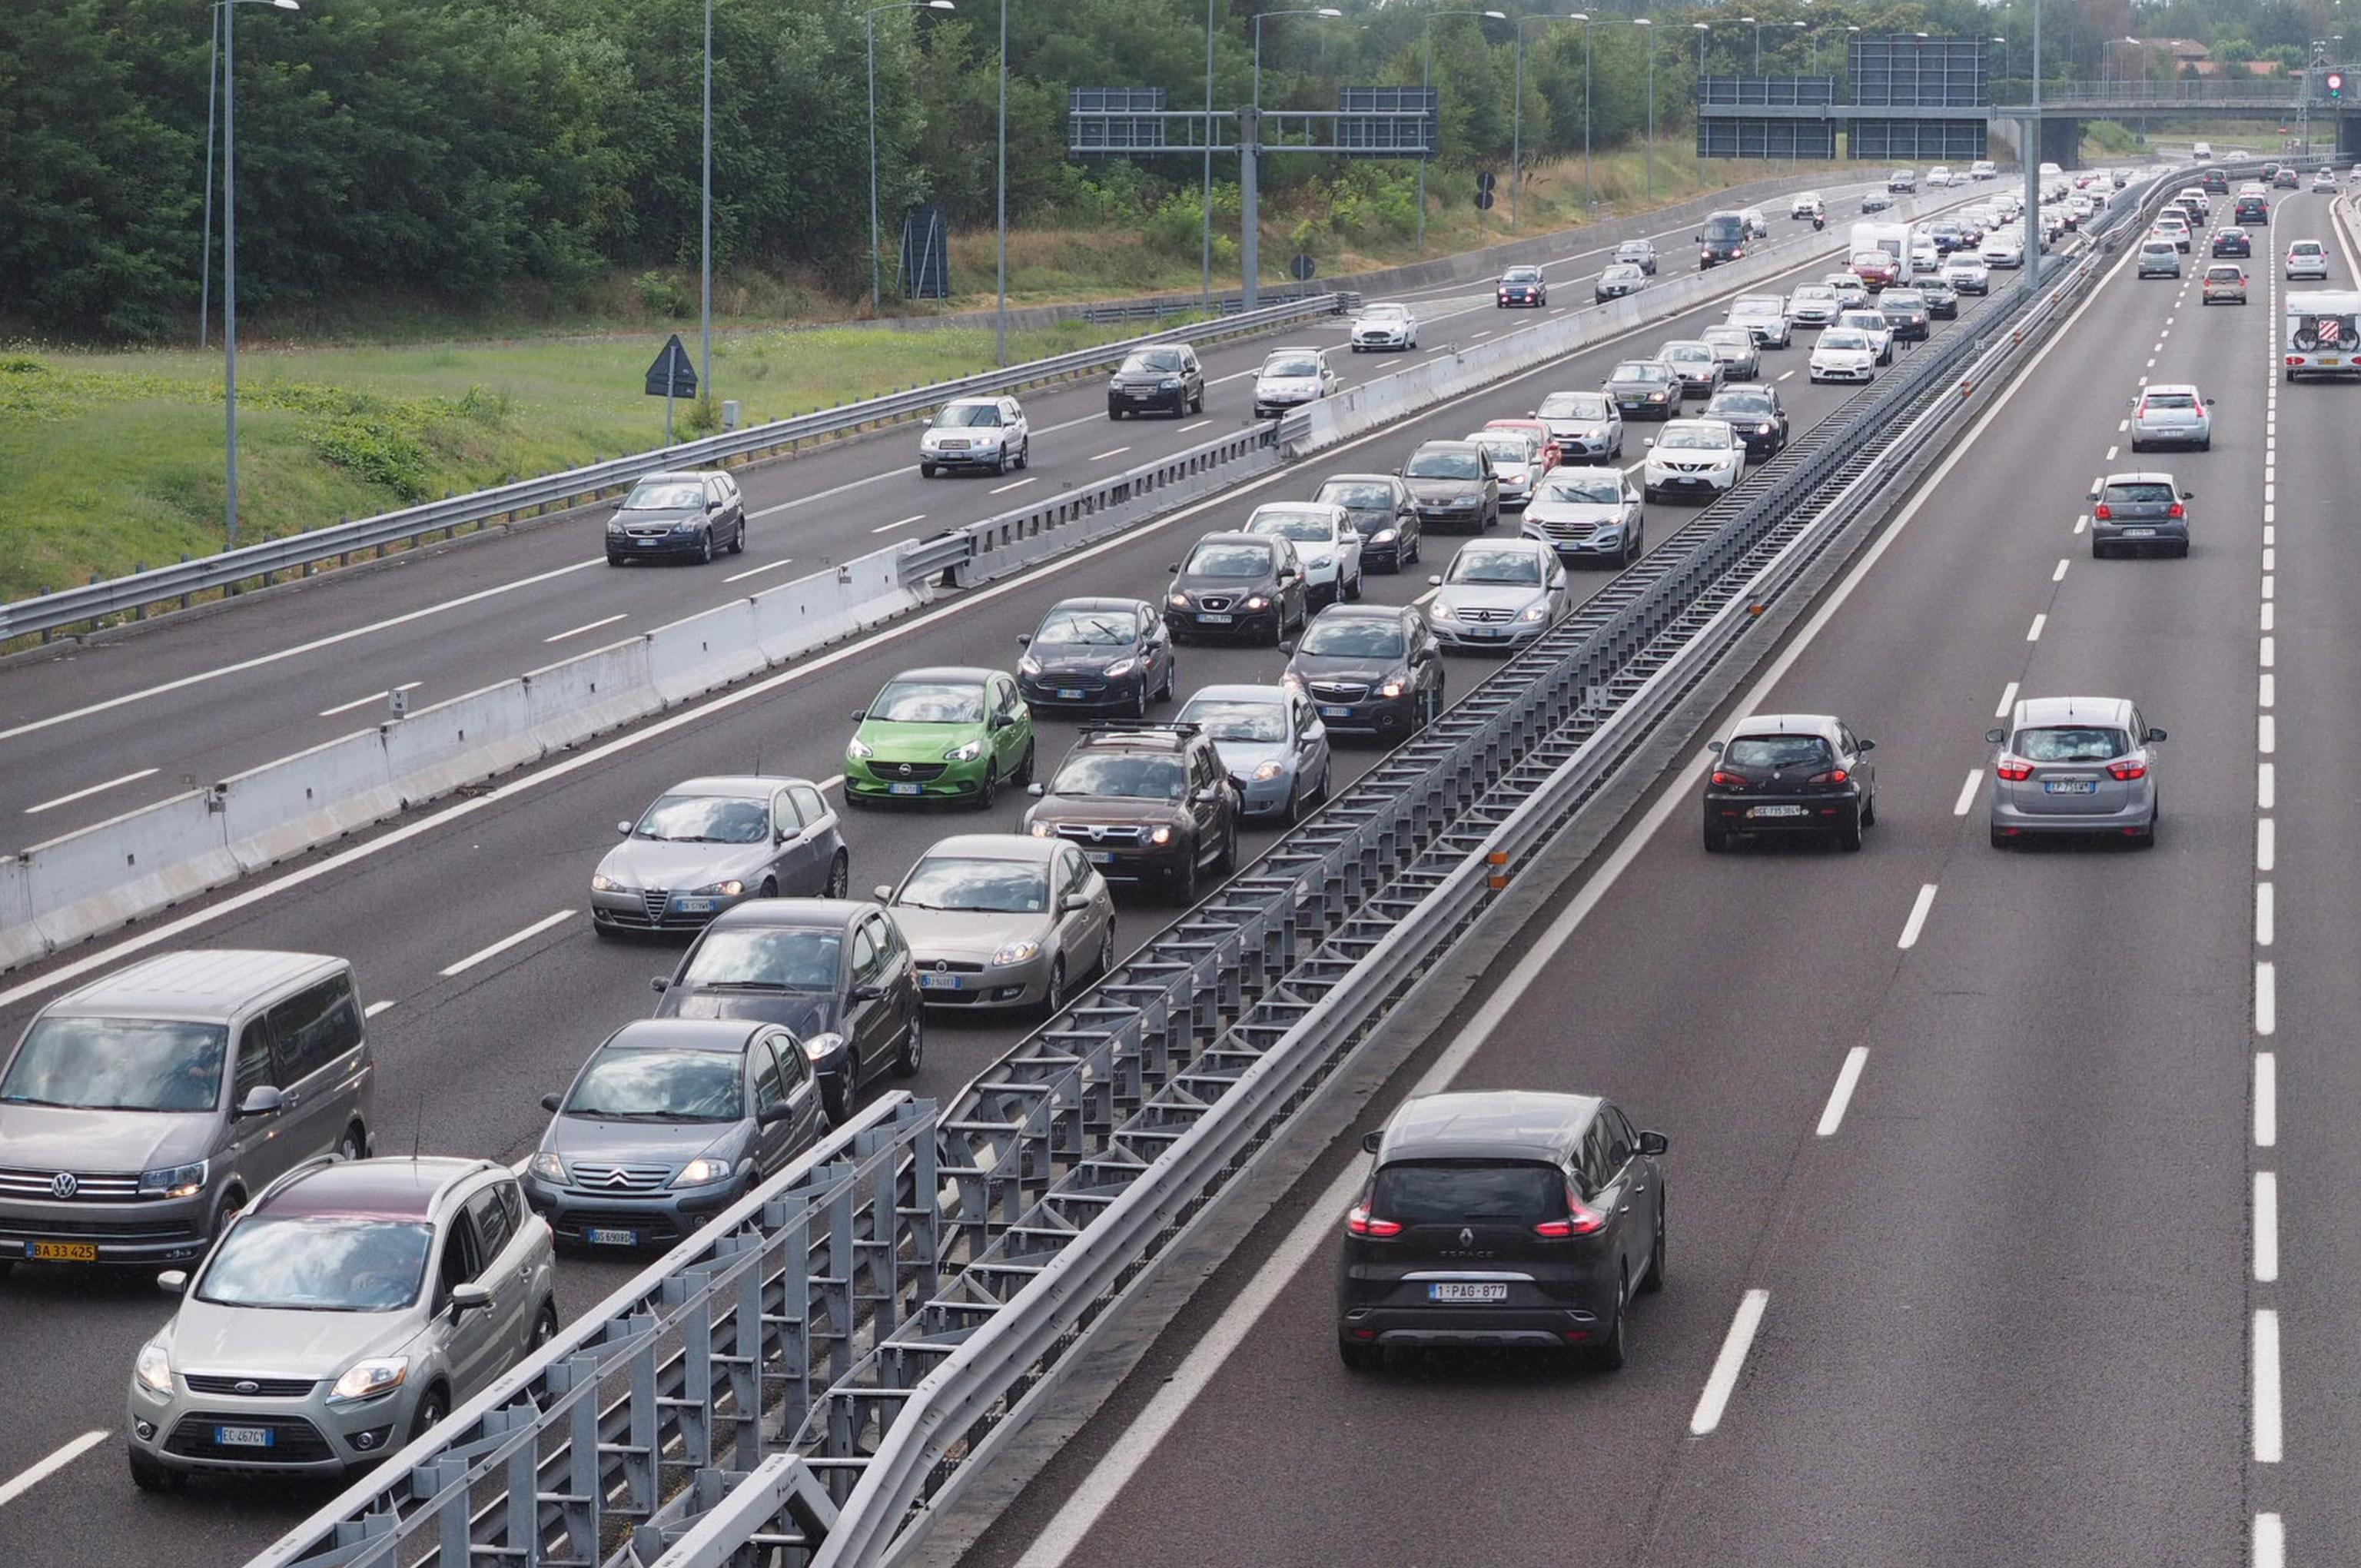 Incidente Autostrada A14 Bologna Taranto: chiuso tratto tra San Benedetto del Tronto e Val Vibrata